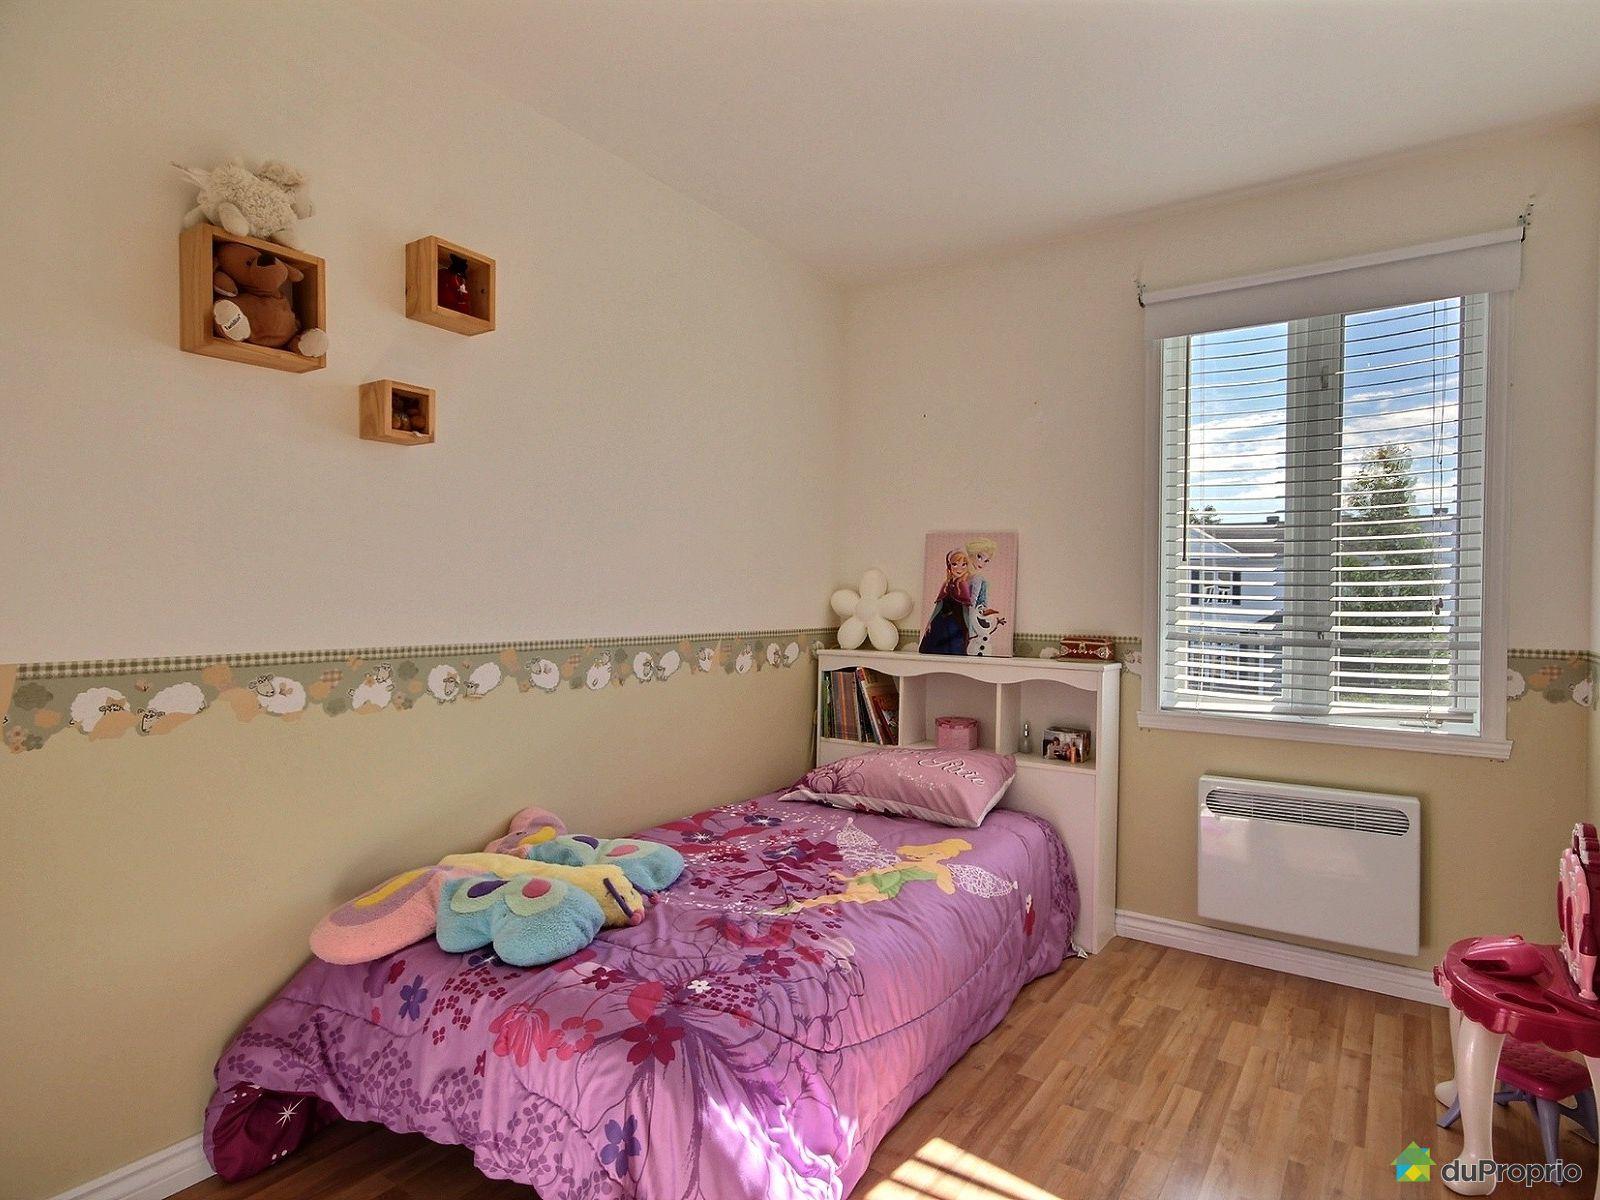 Maison vendre val b lair 1280 rue courteline for Chambre en ville vidal